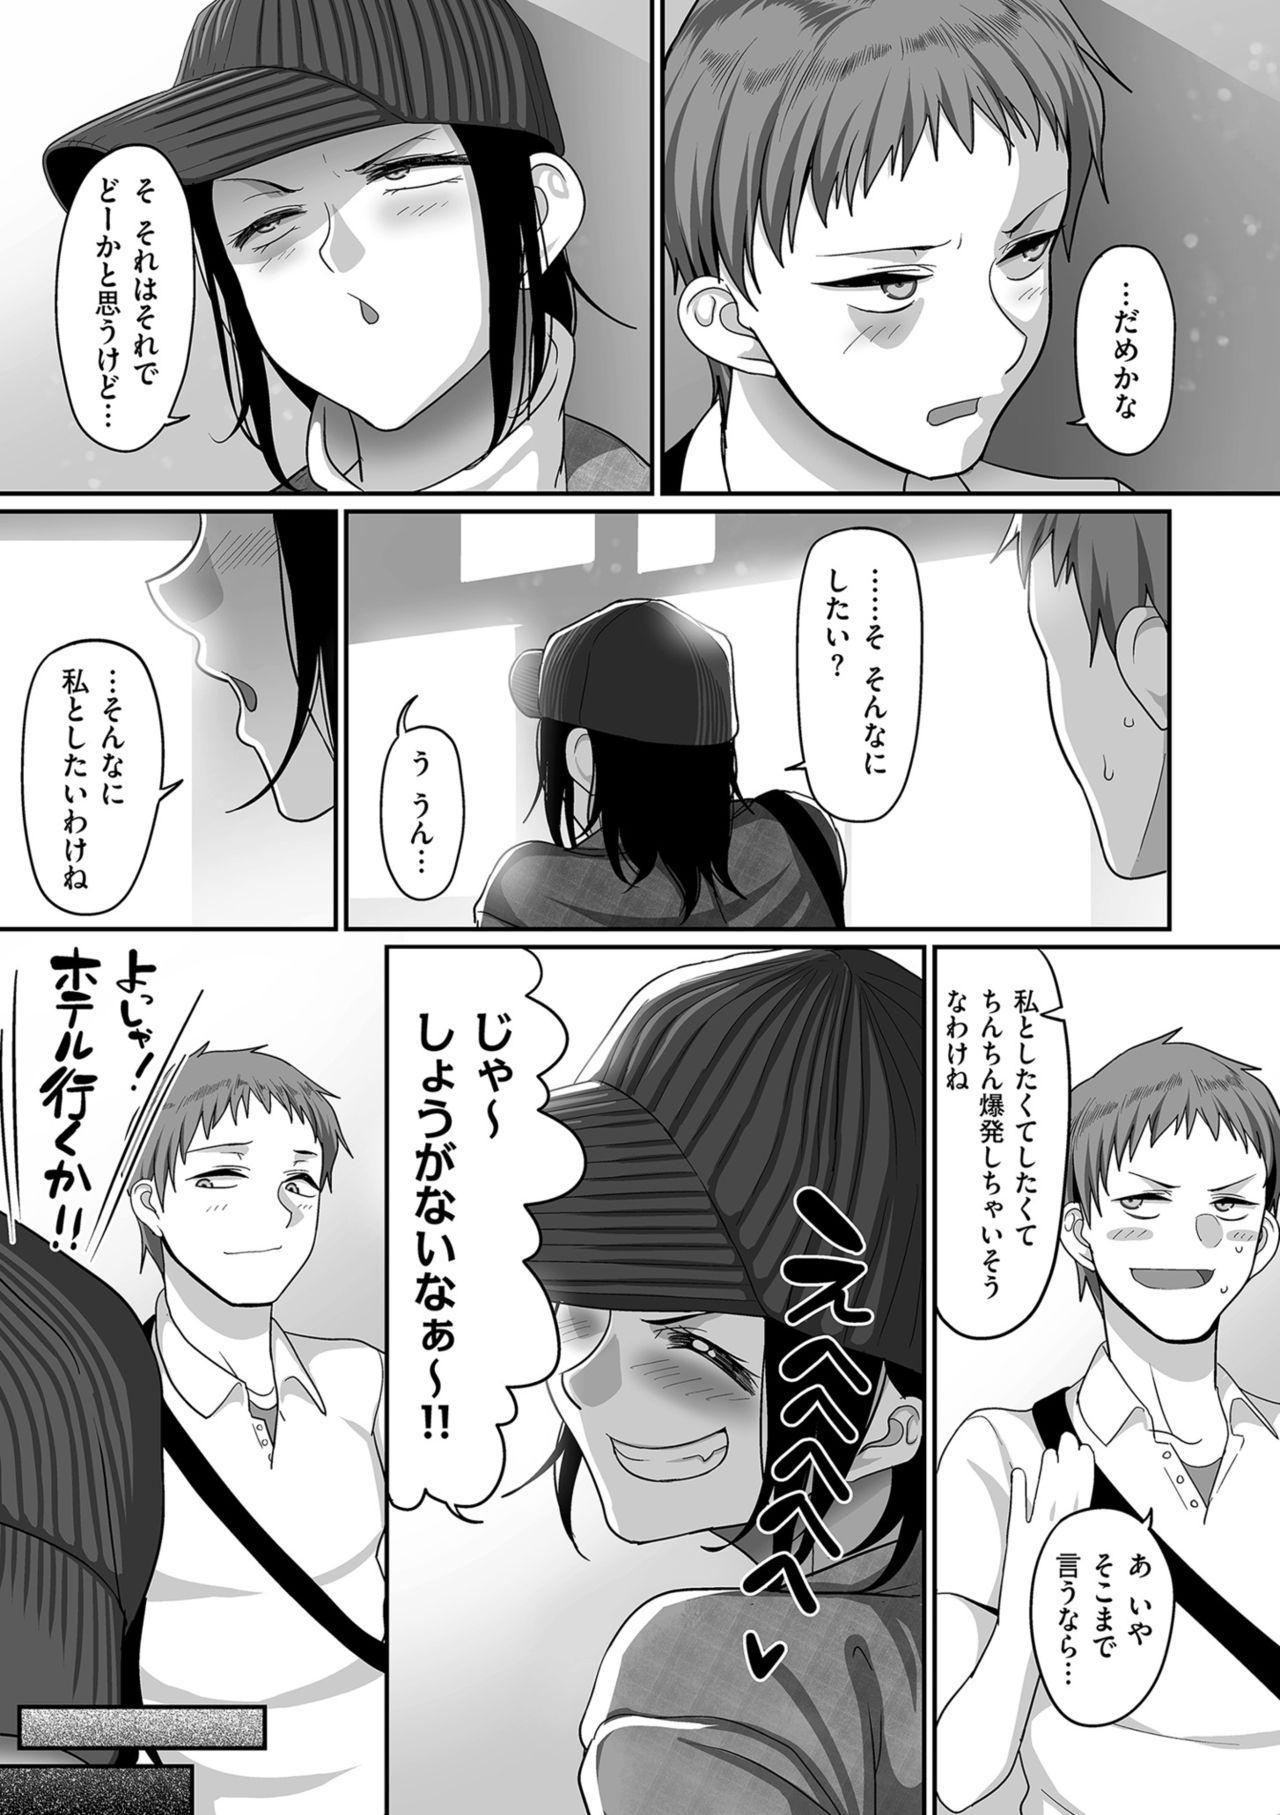 [Yamamoto Zenzen] S-ken K-shi Shakaijin Joshi Volleyball Circle no Jijou [Digital] 166